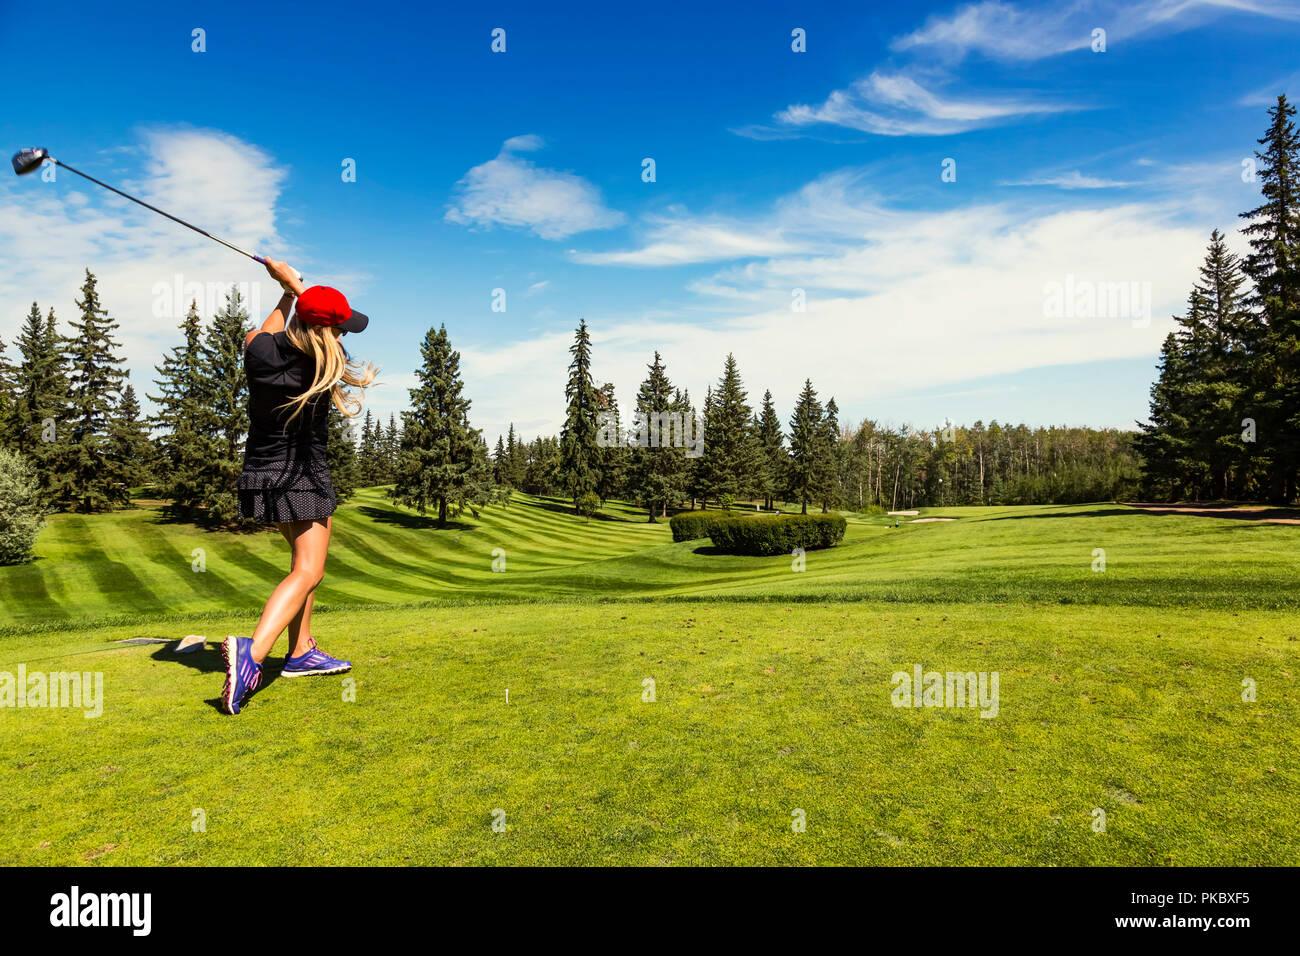 Un golfeur féminin au volant d'une balle de golf vers le bas l'herbe verte d'un terrain de golf avec son chauffeur et la balle en l'air; Edmonton, Alberta, Canada Banque D'Images